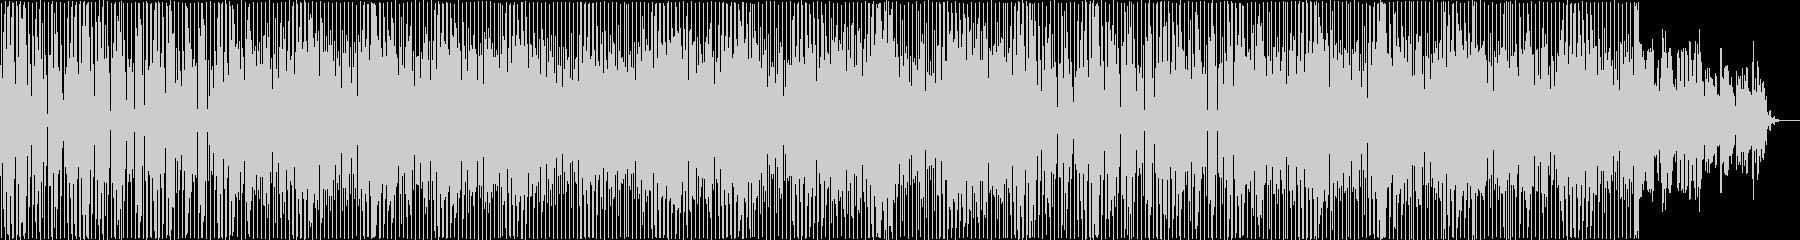 前向きな80'sBGMですの未再生の波形